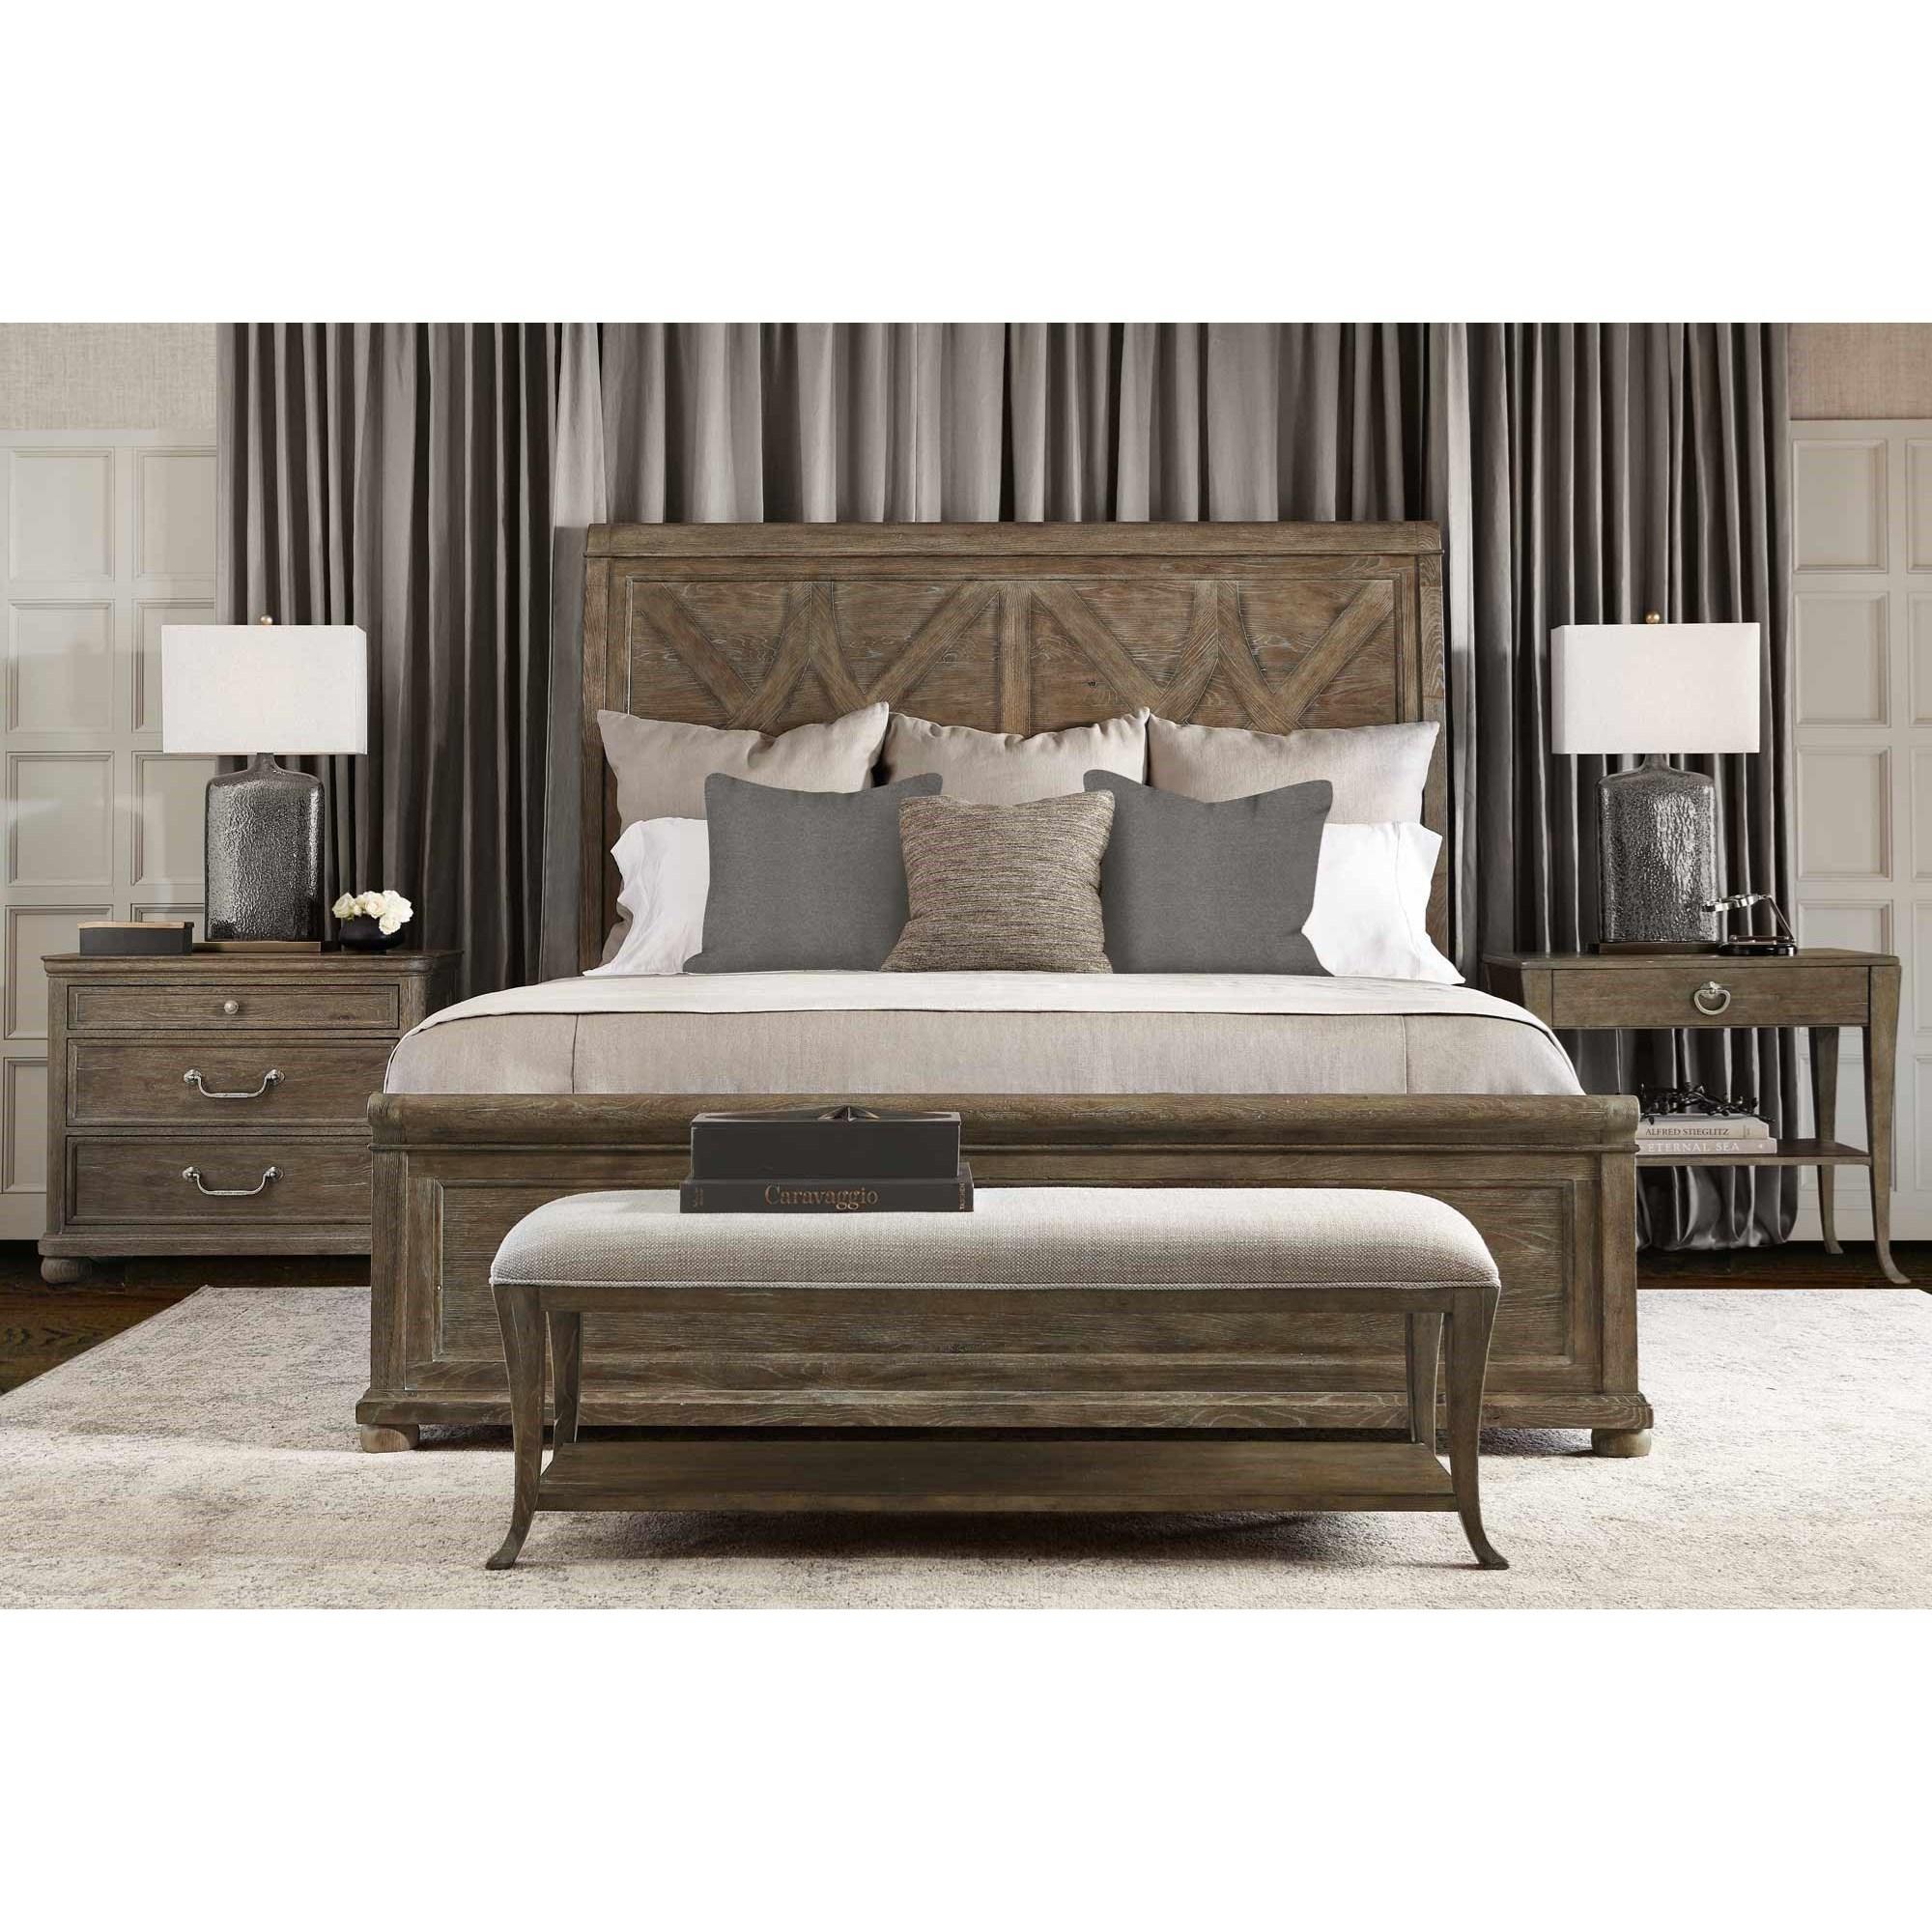 Rustic Patina King Bedroom Group at Williams & Kay